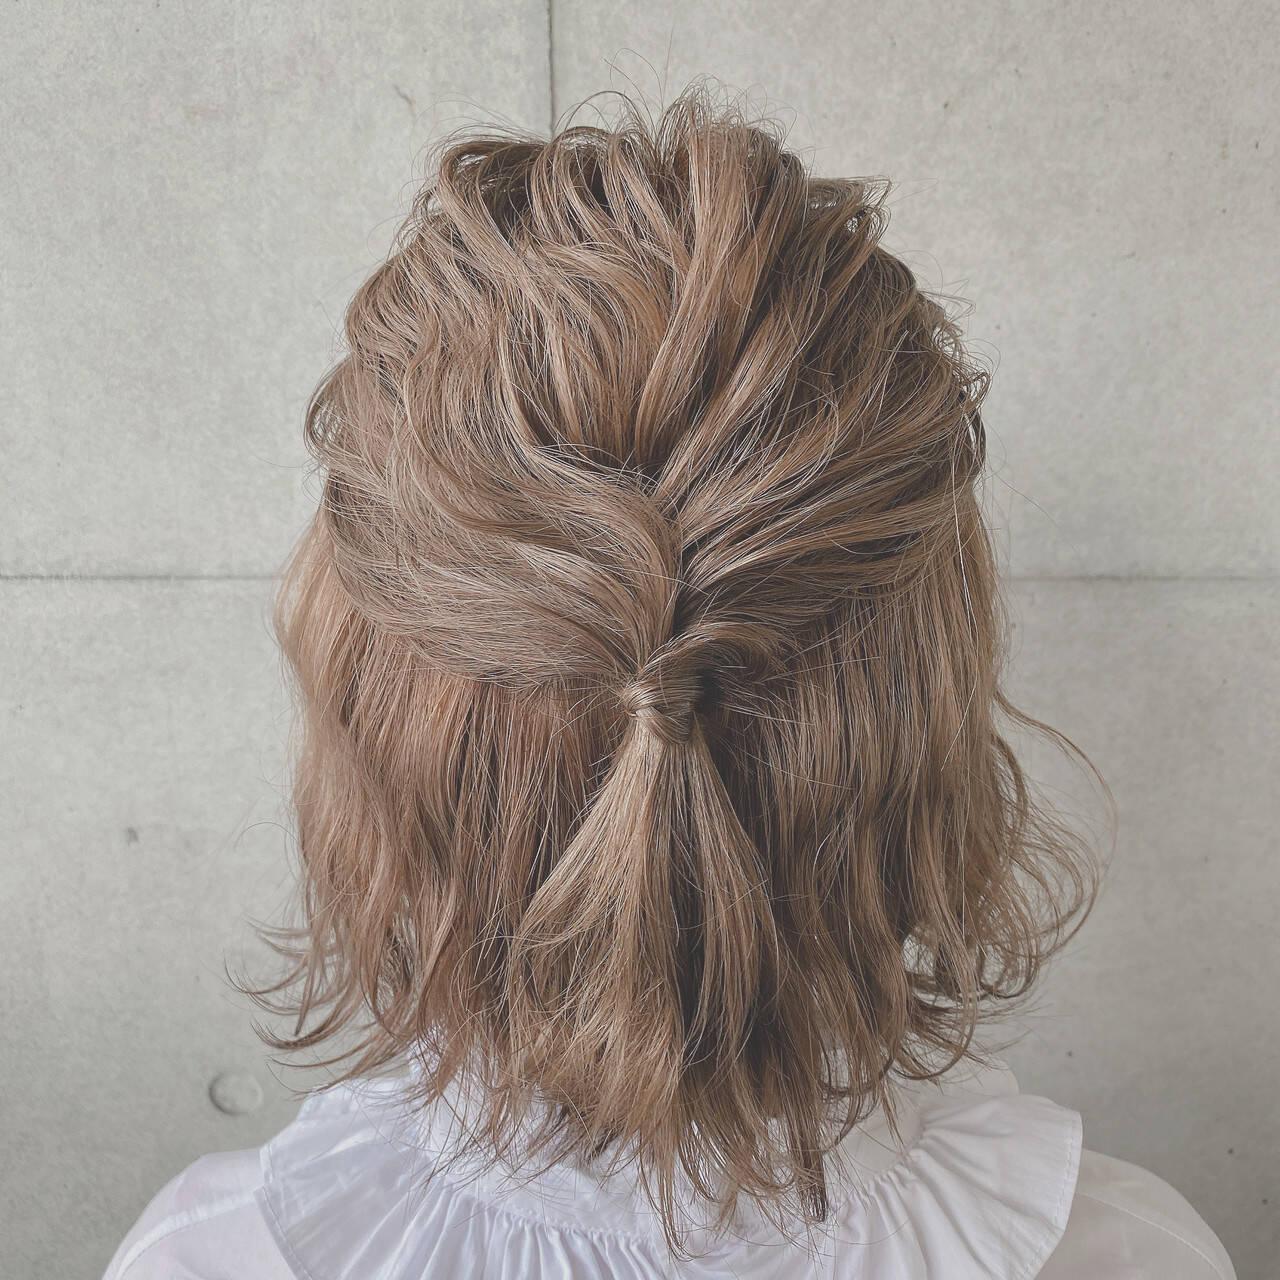 簡単ヘアアレンジ ふわふわヘアアレンジ ナチュラル ボブヘアスタイルや髪型の写真・画像